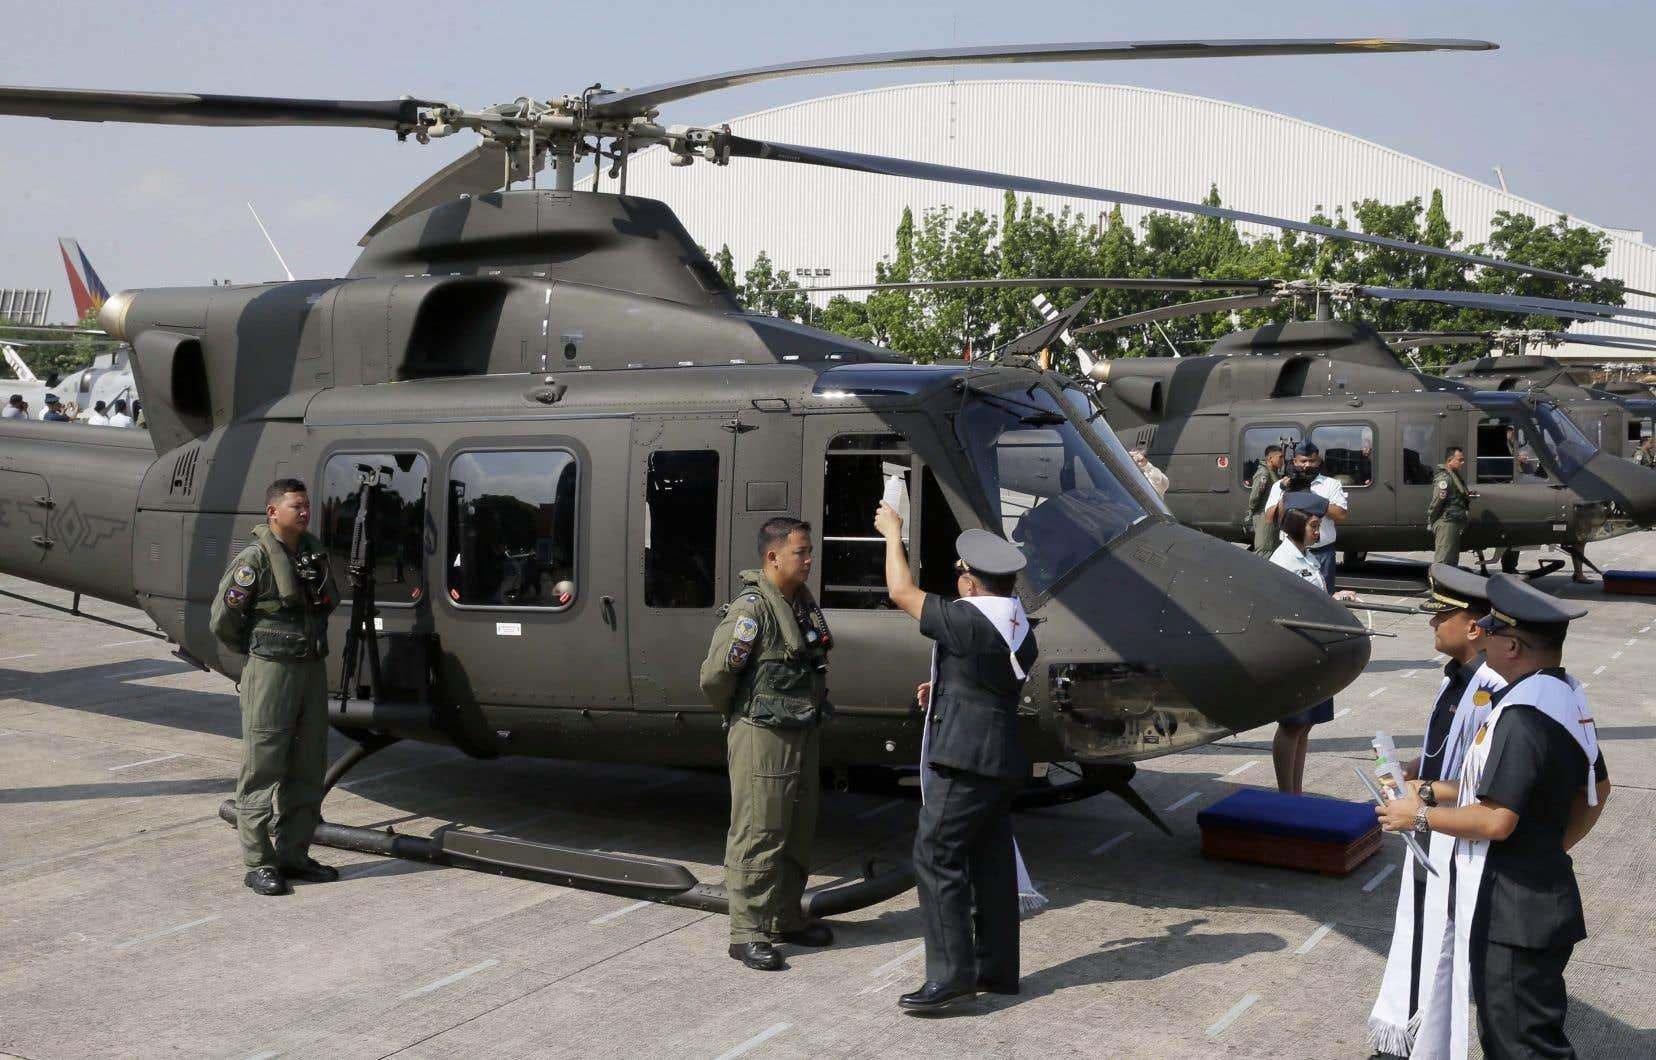 Selon Jean-Christophe Boucher, professeur à l'Université MacEwan en Alberta et spécialiste du matériel militaire, les hélicoptères Bell 412 peuvent facilement être équipés pour la guerre.